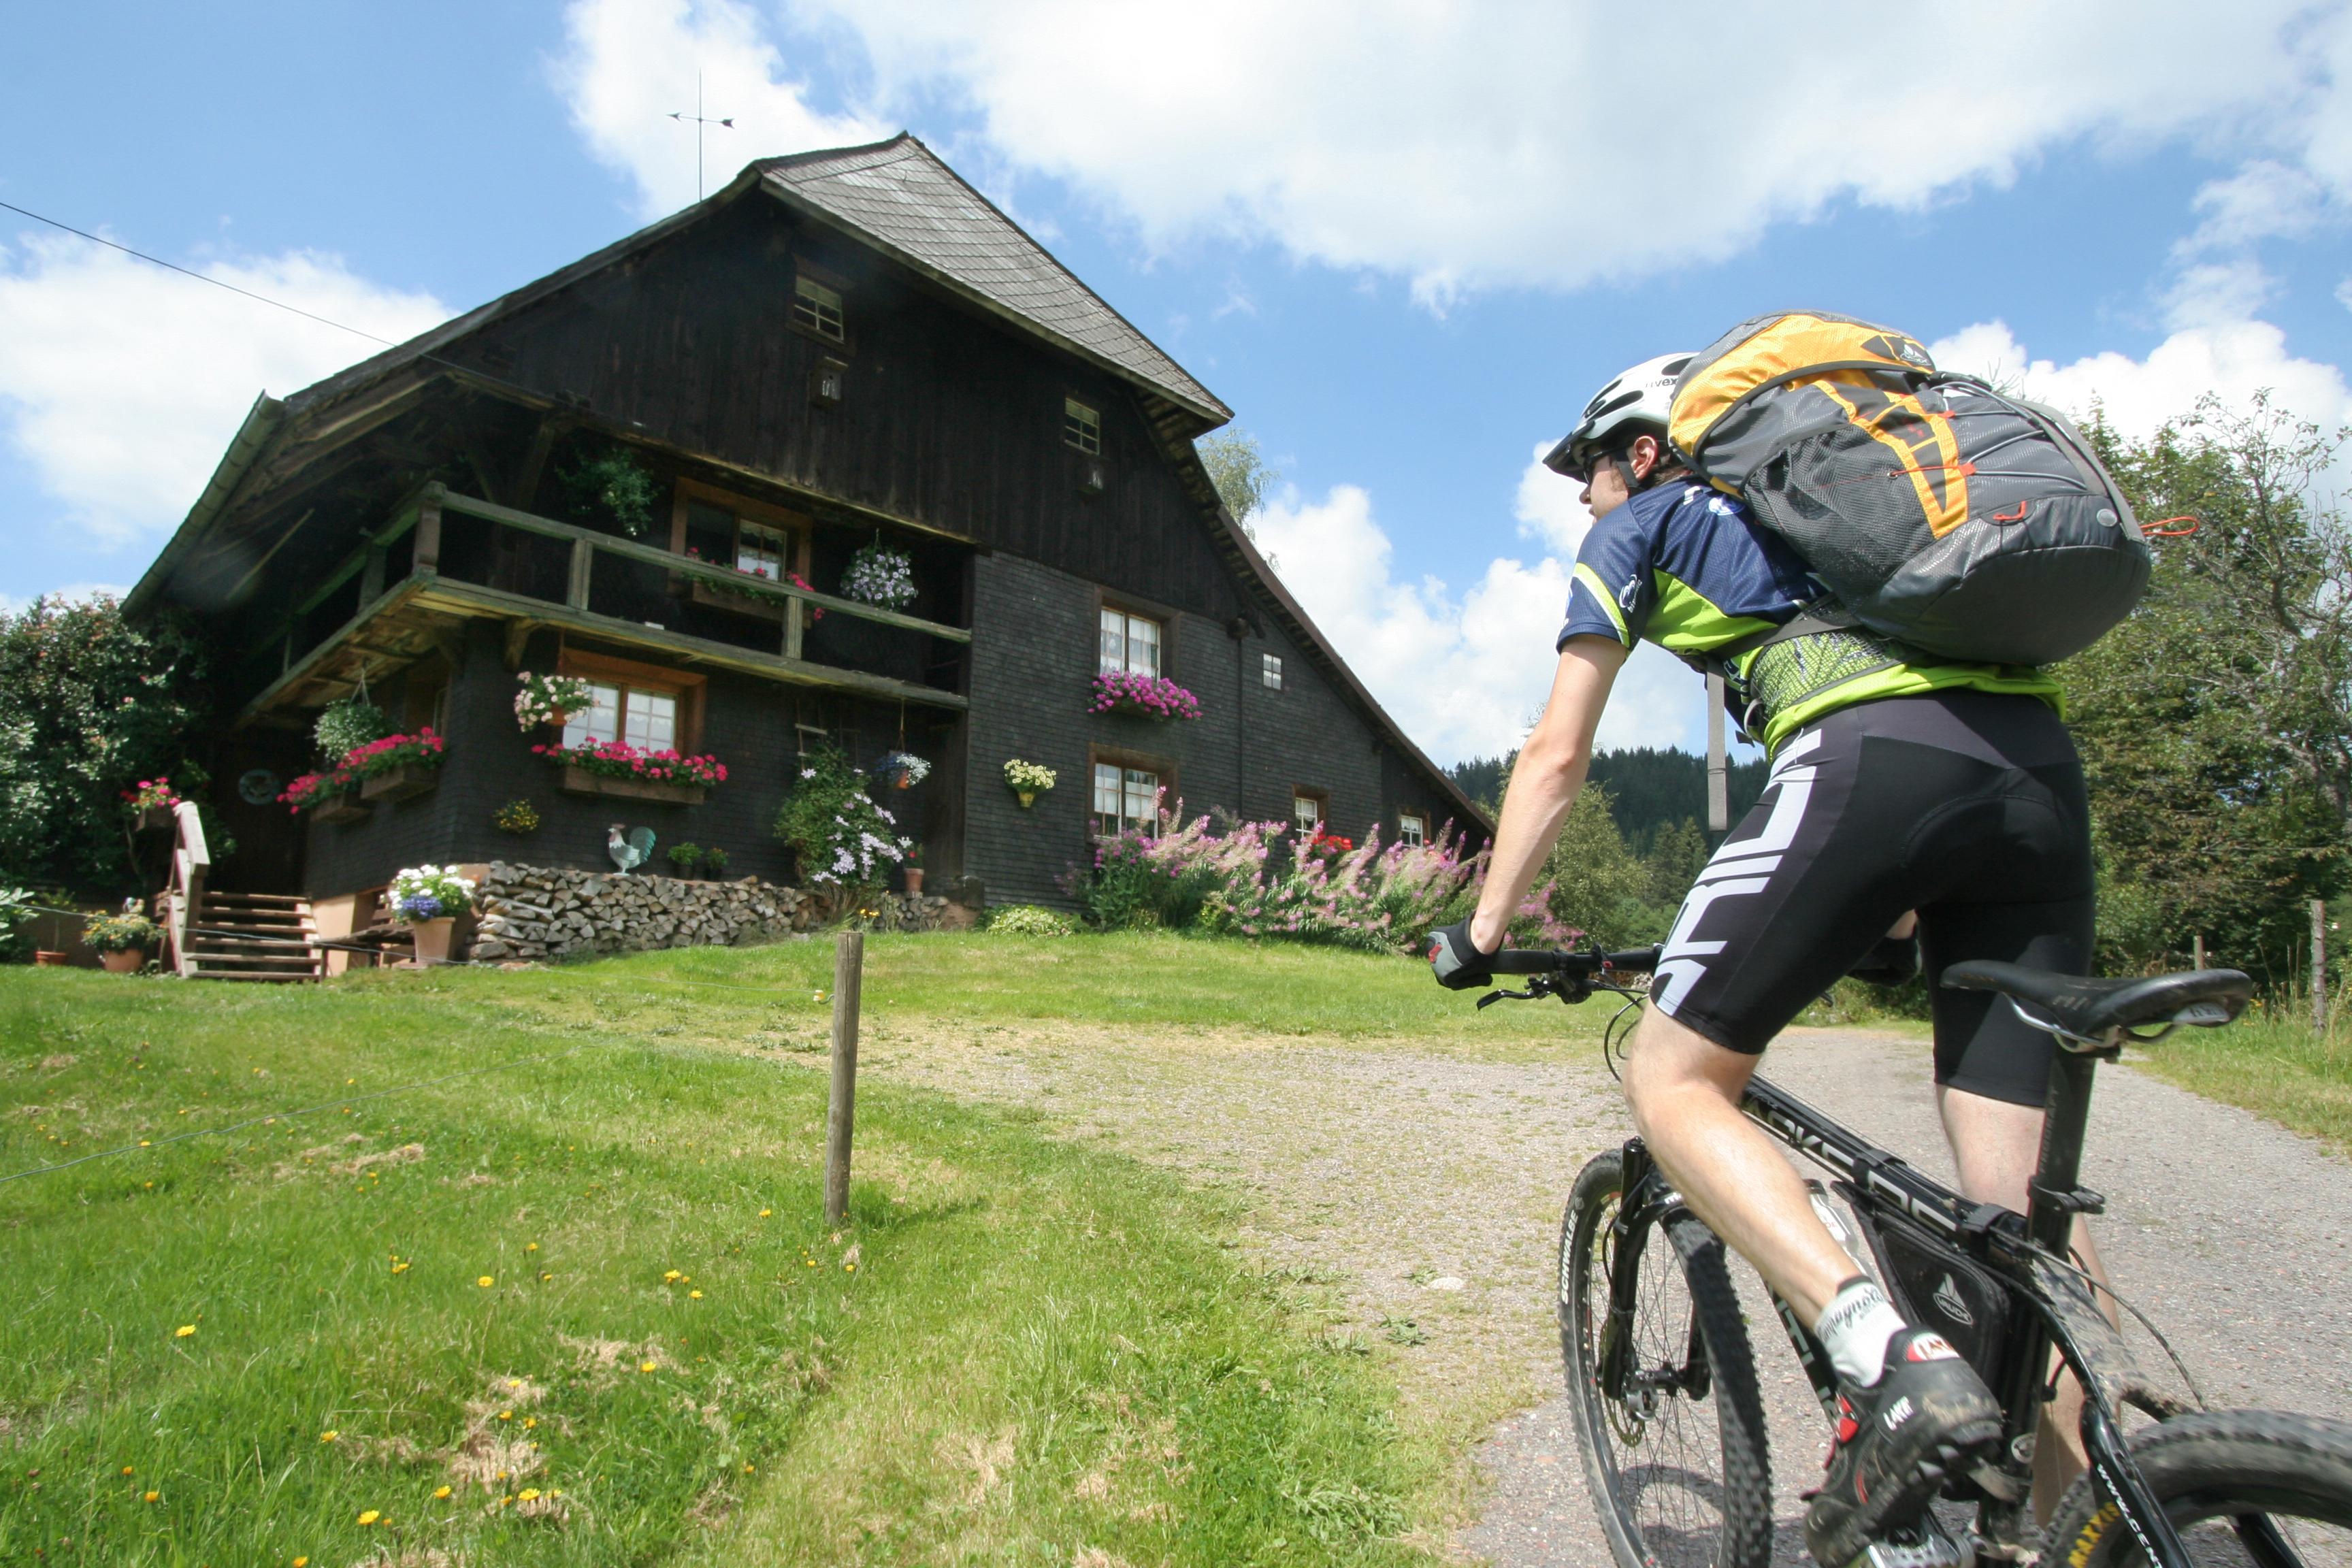 Mountainbike Biler Schwarzwaldhaus © Gerhard Eisenschink/STG